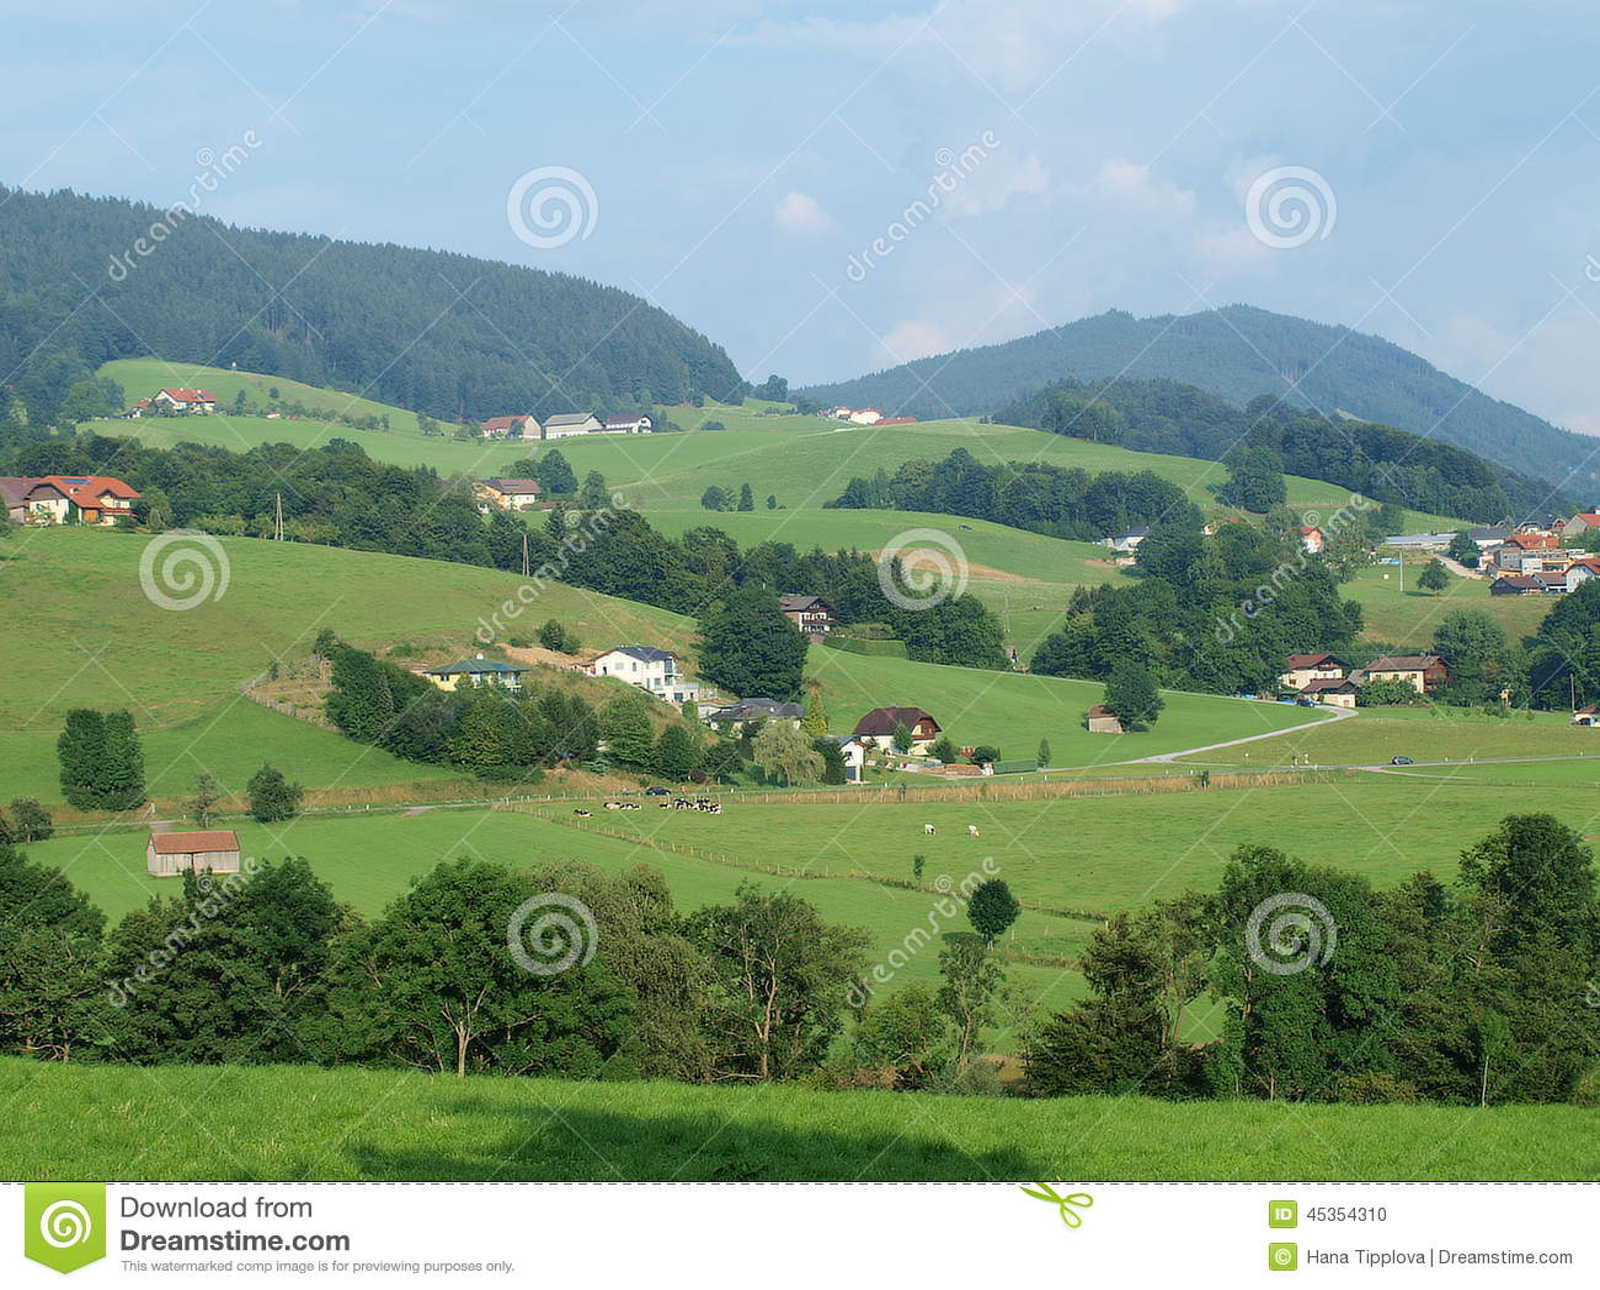 Landscape around Mondsee, Salzburgerland